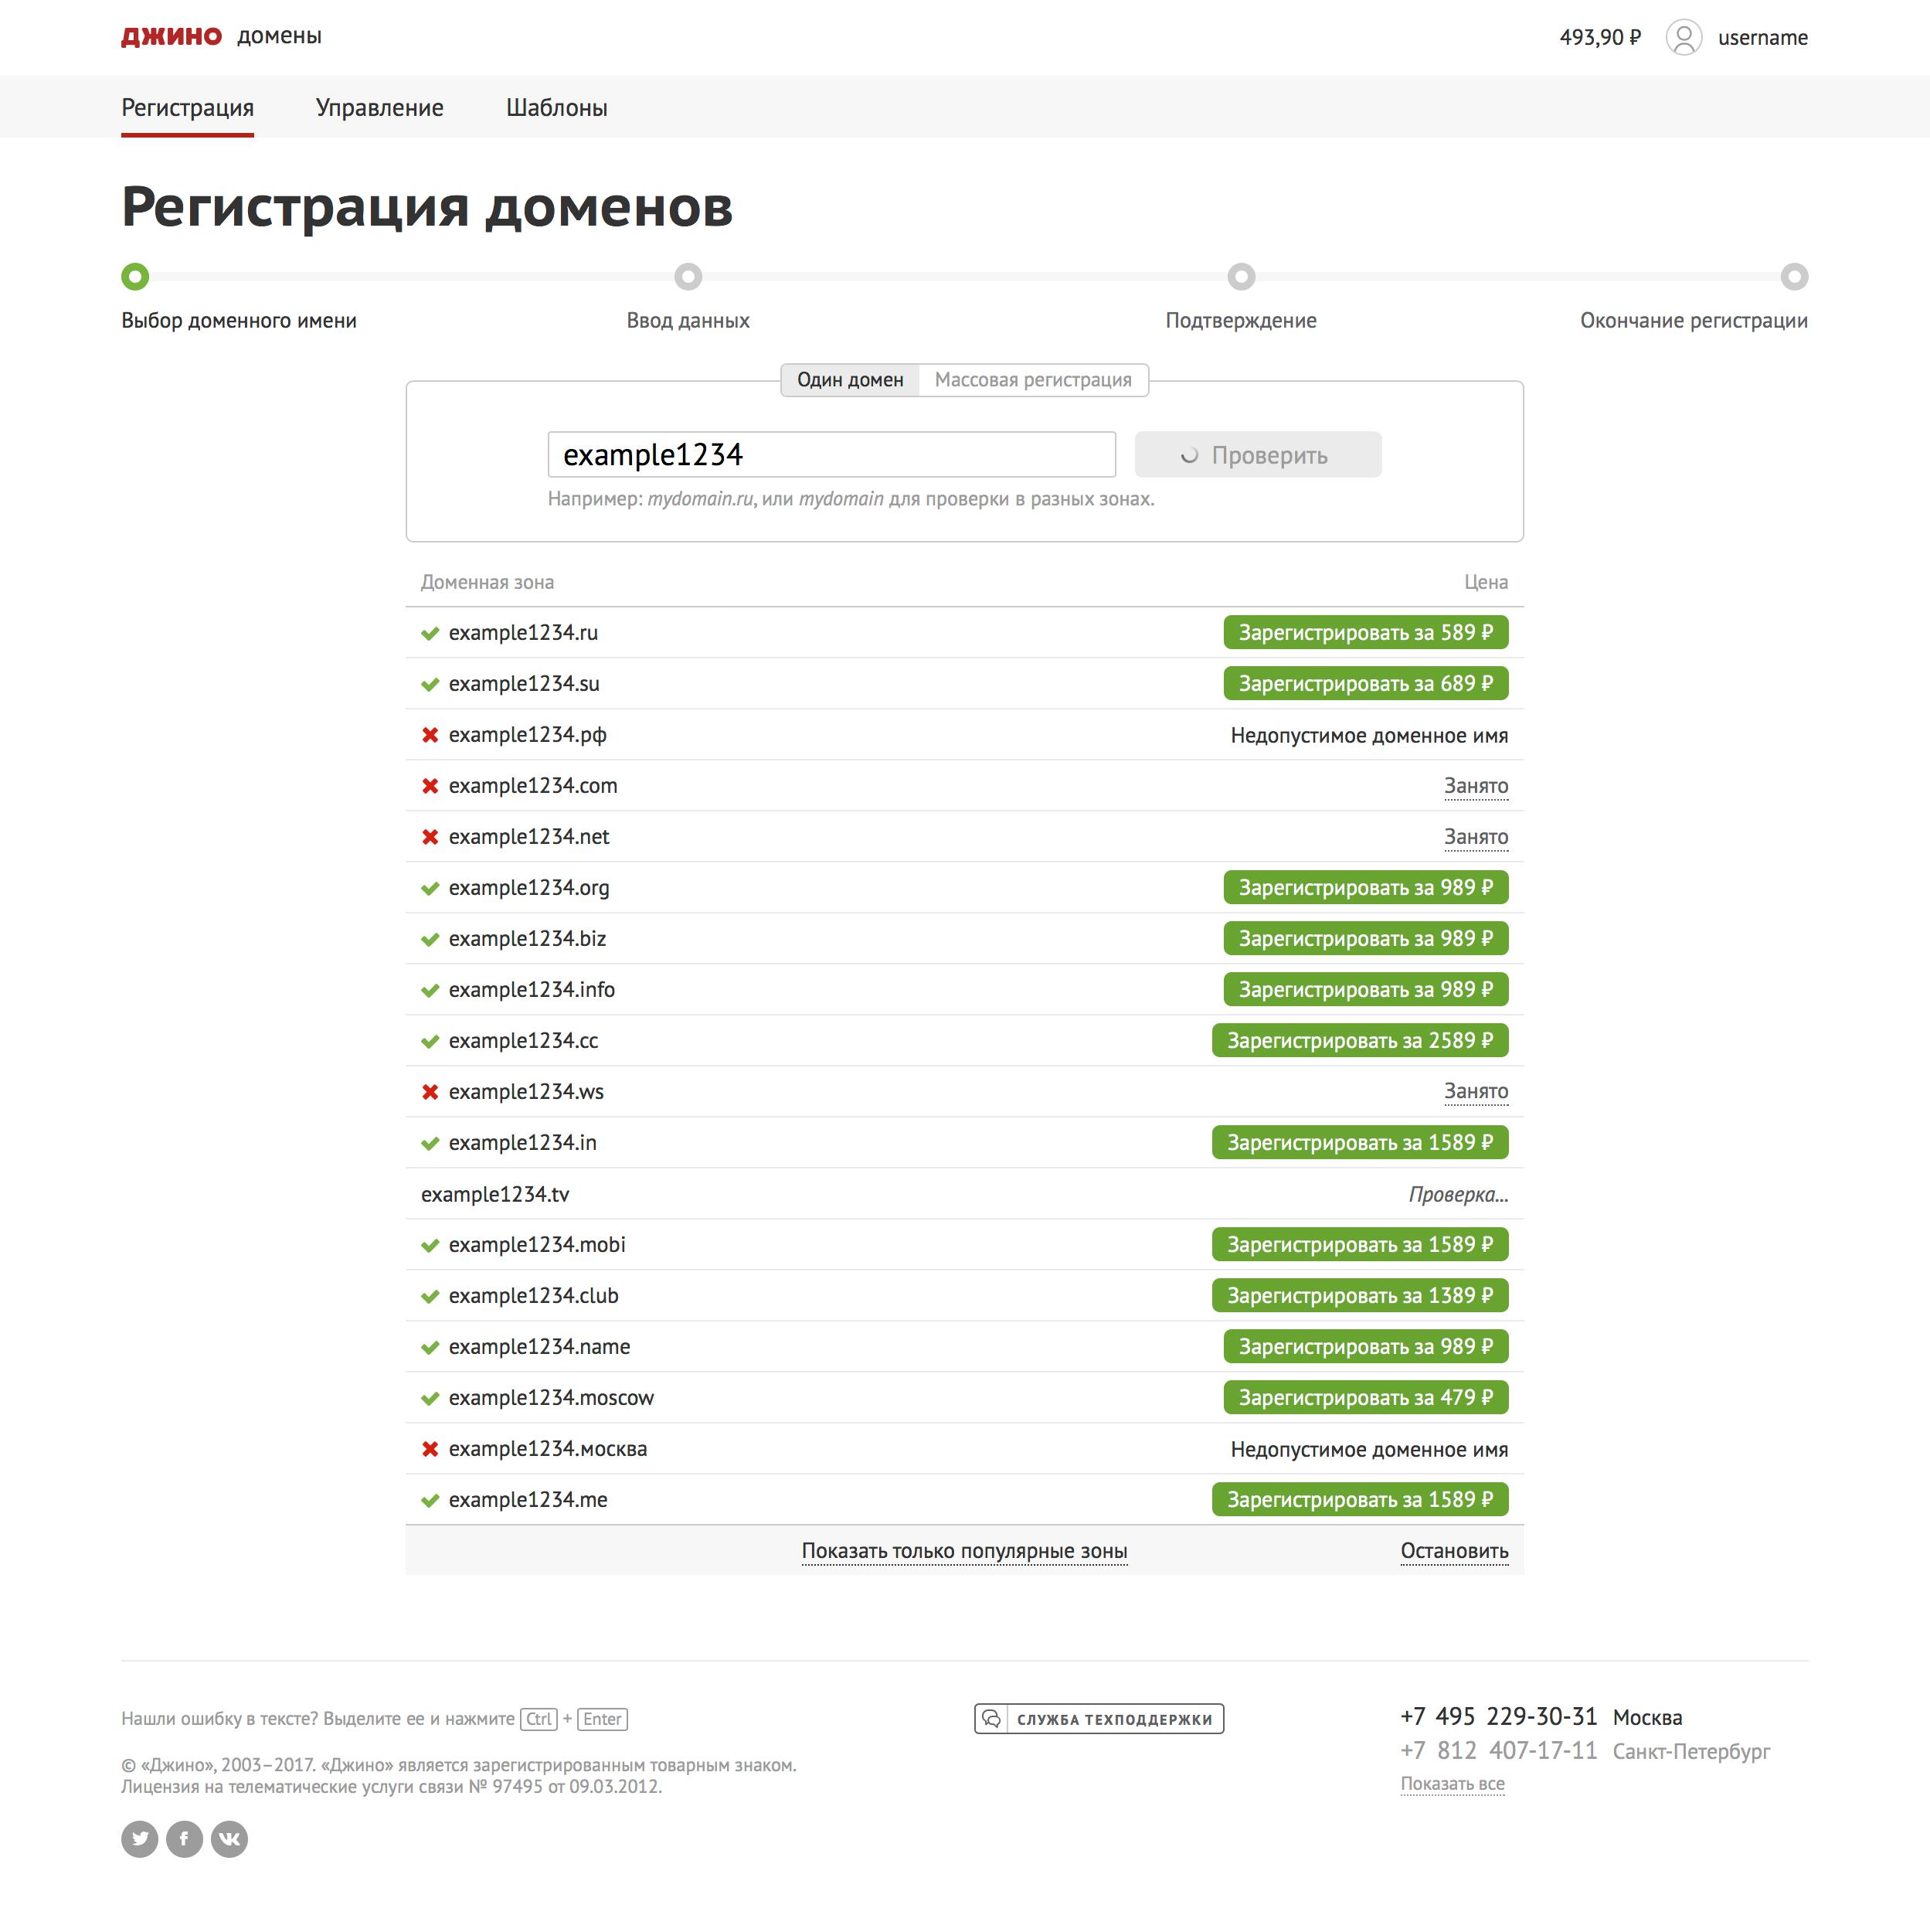 как зарегистрировать домен на другом хостинге